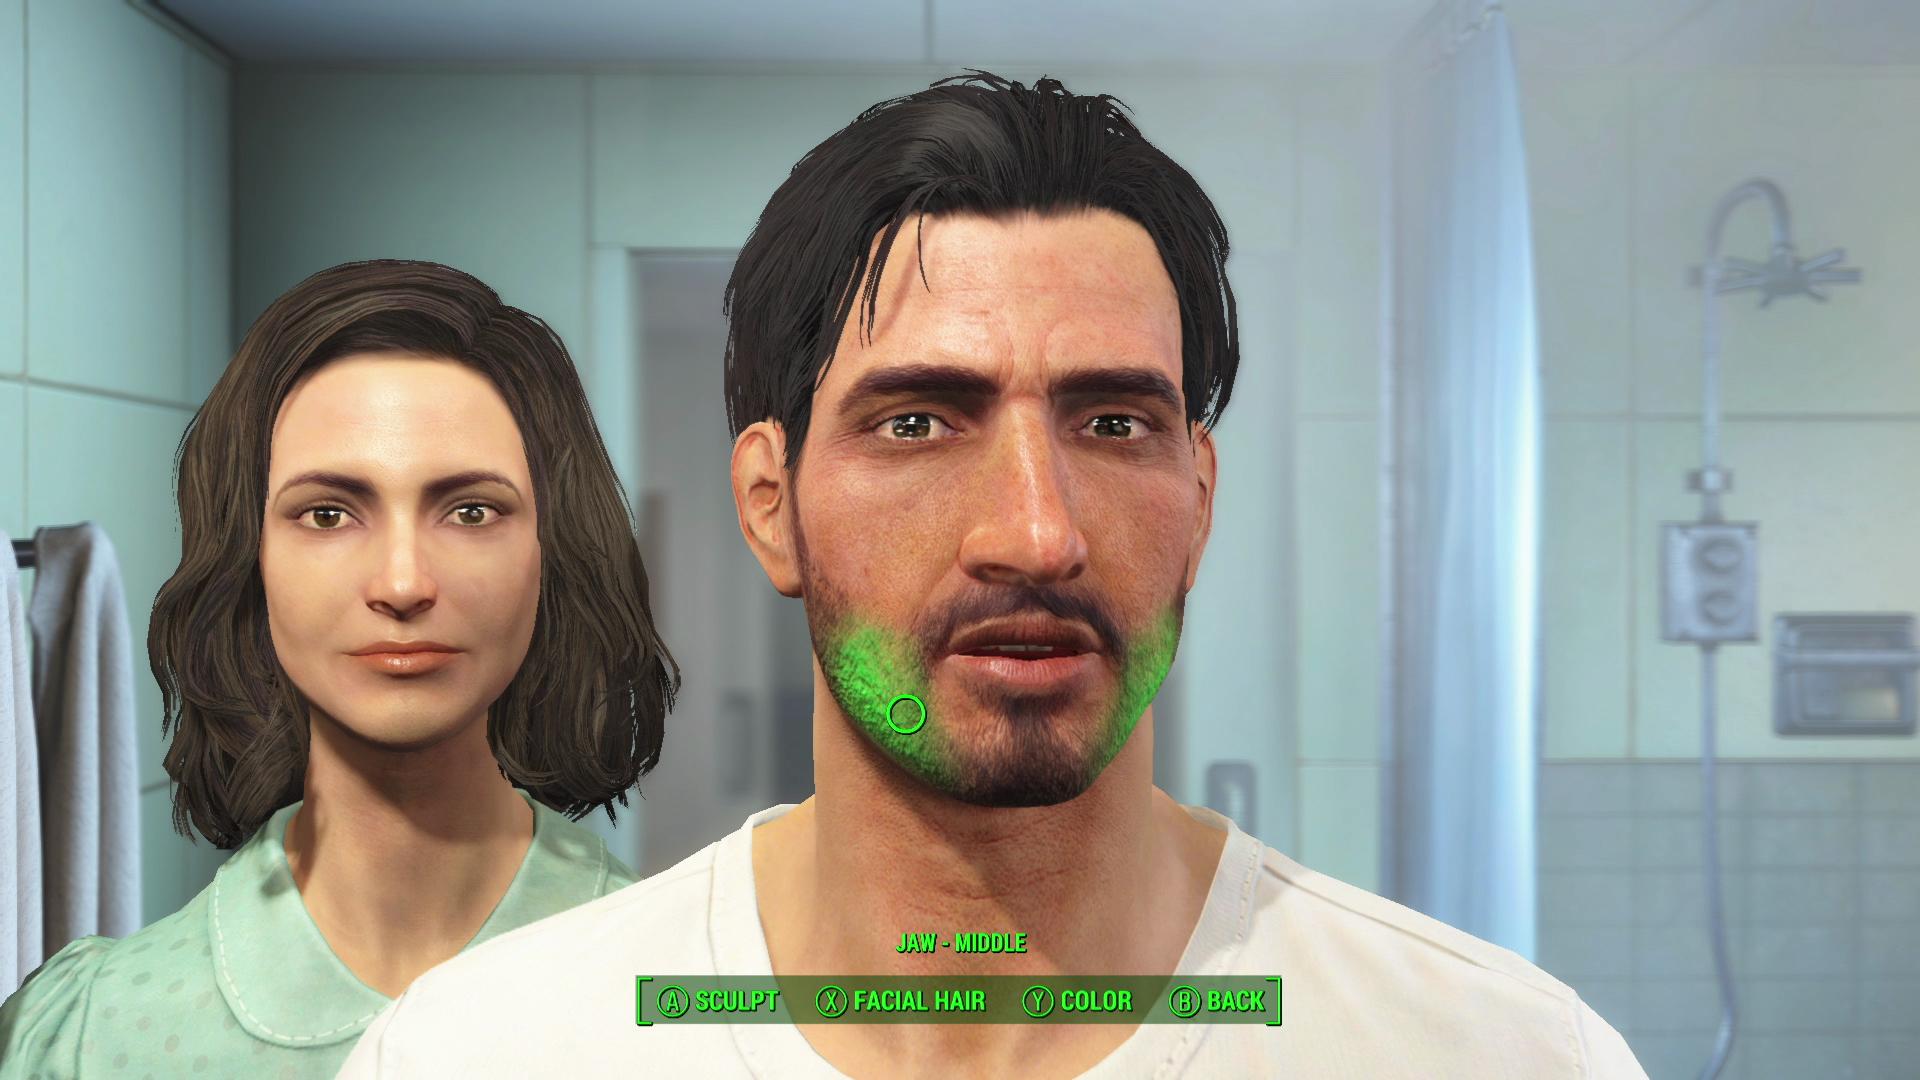 Fallout 4 E3 2015 - Face Creation 1